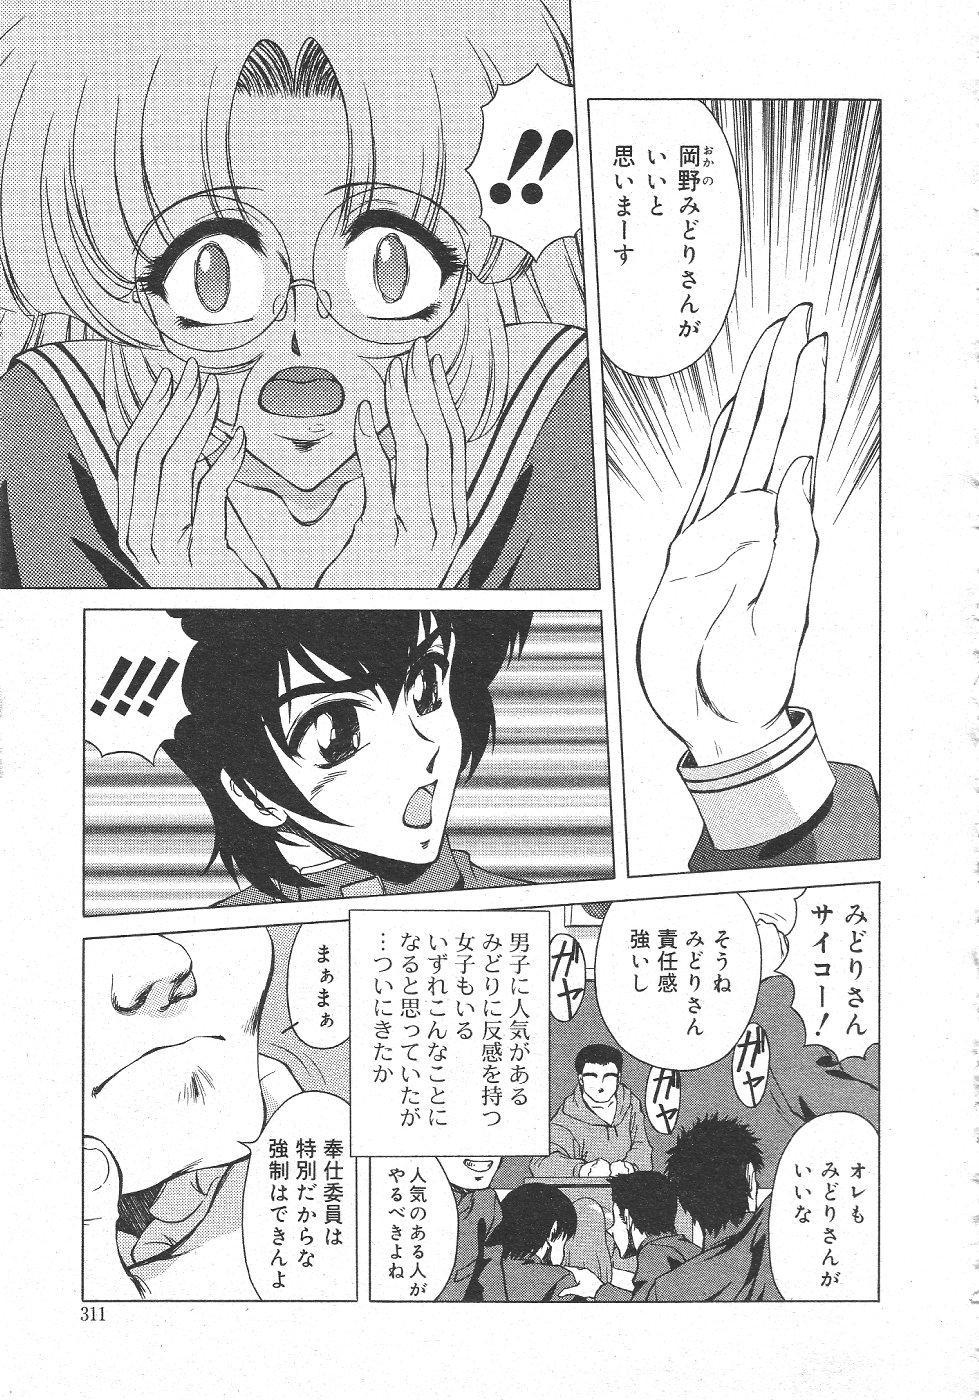 Gekkan Comic Muga 2004-06 Vol.10 314